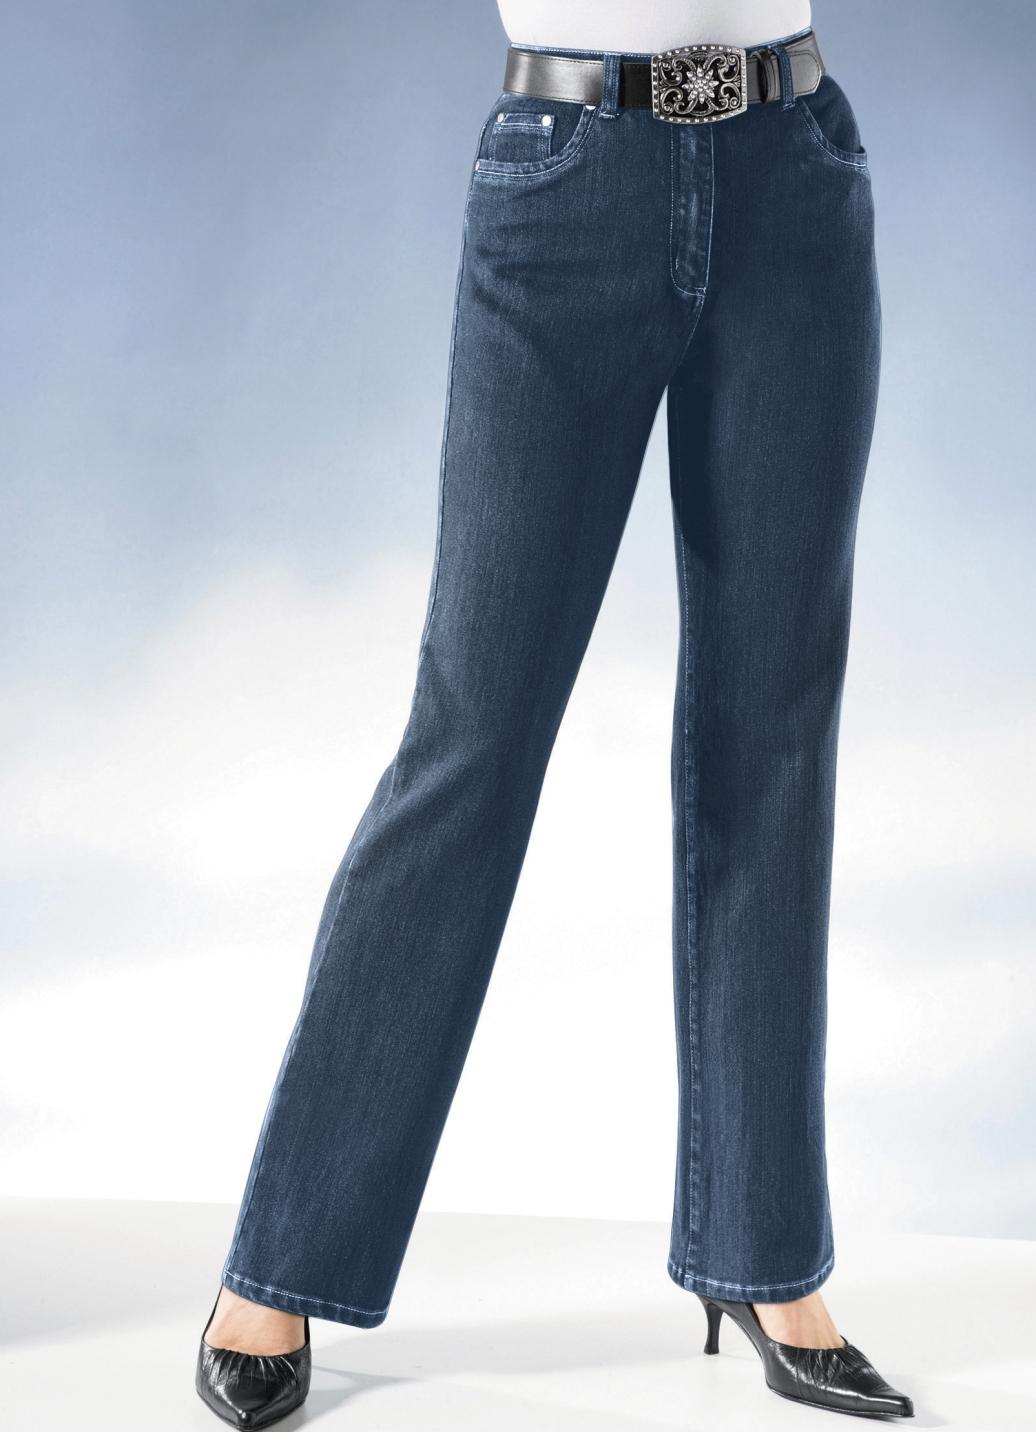 Jeans mit Gürtel   Jeansblau Größe 88 Damen Preisvergleich